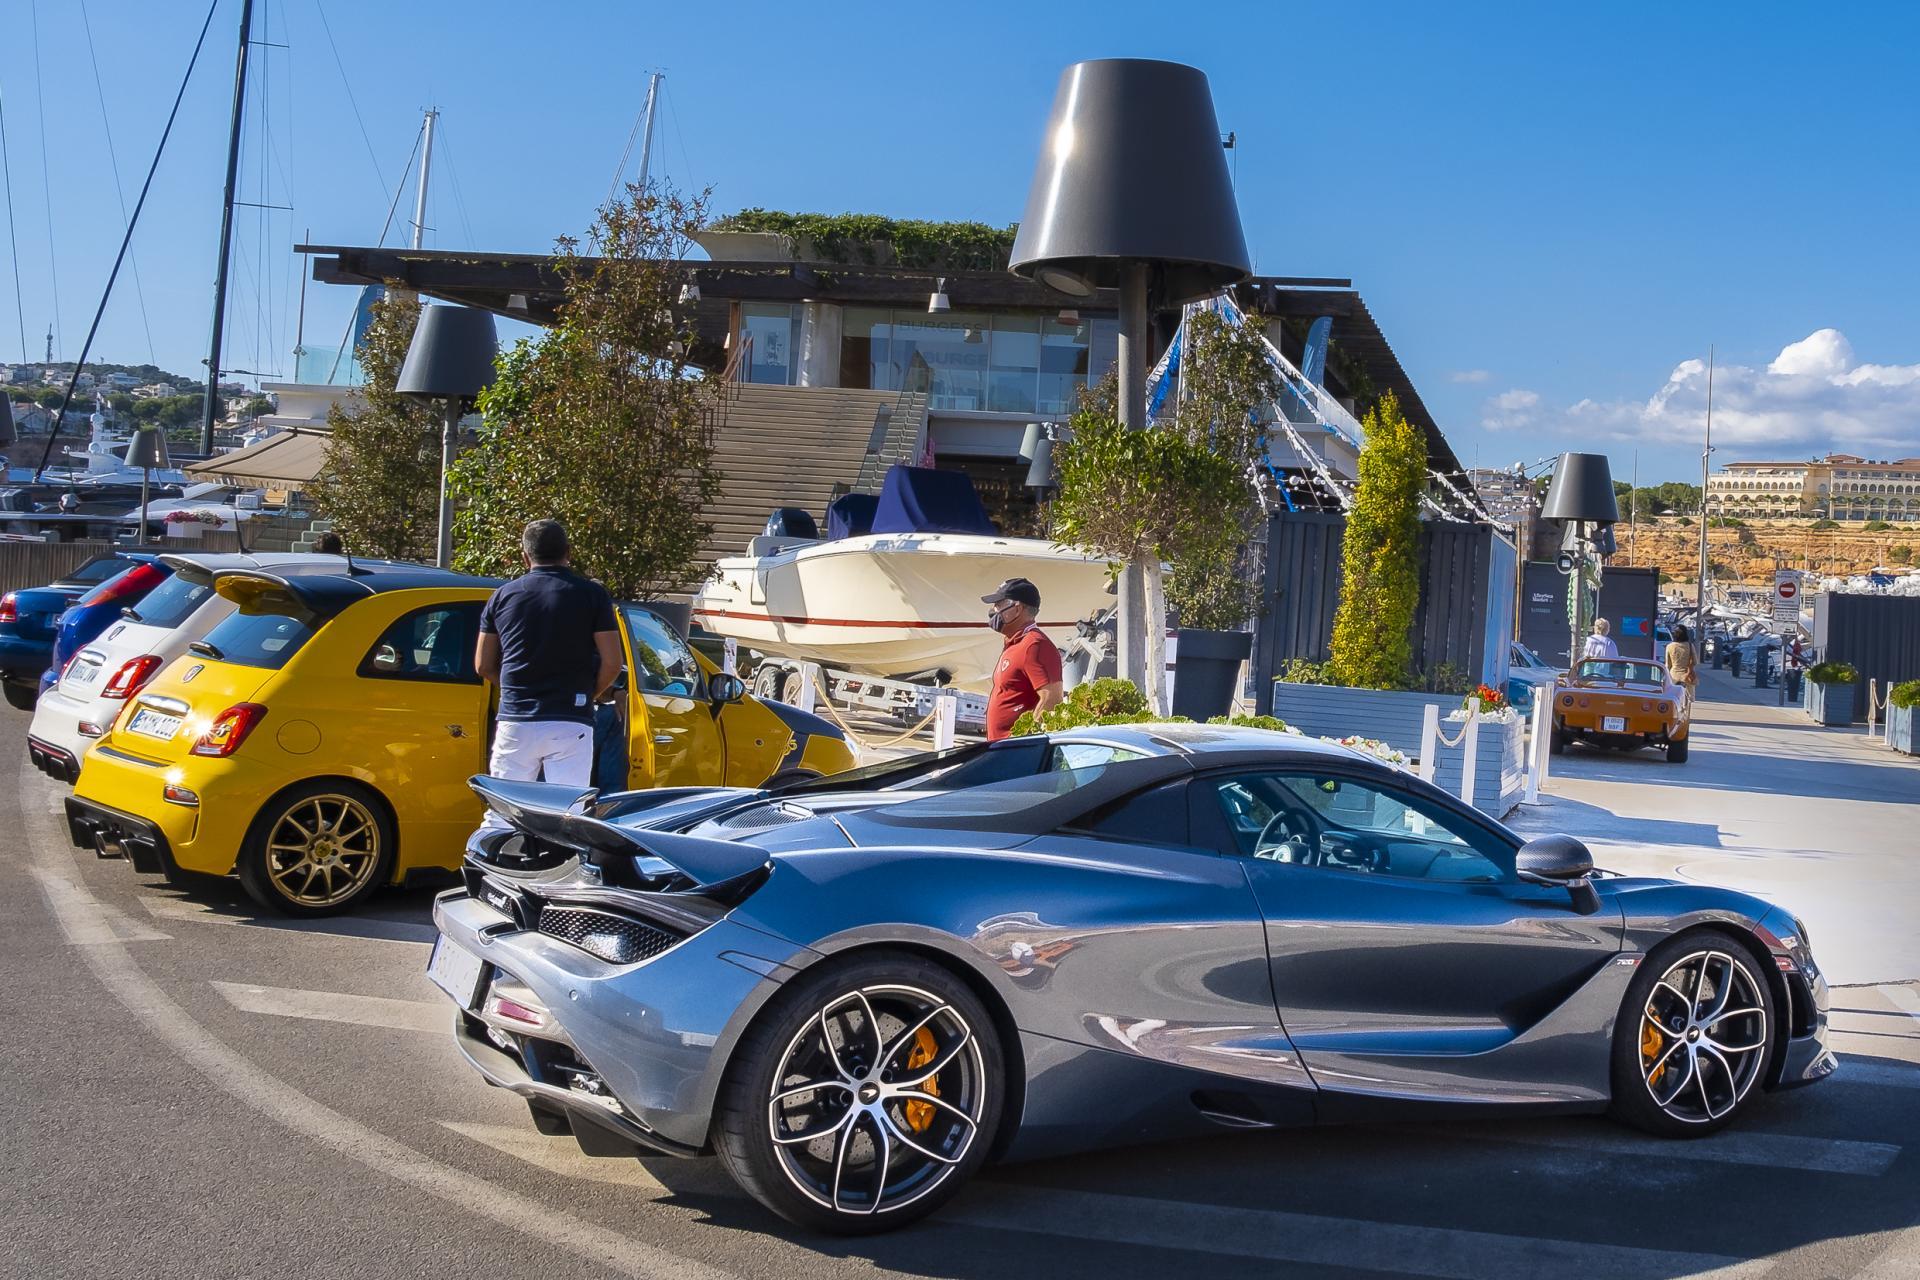 Shiny McLaren, unmistakable